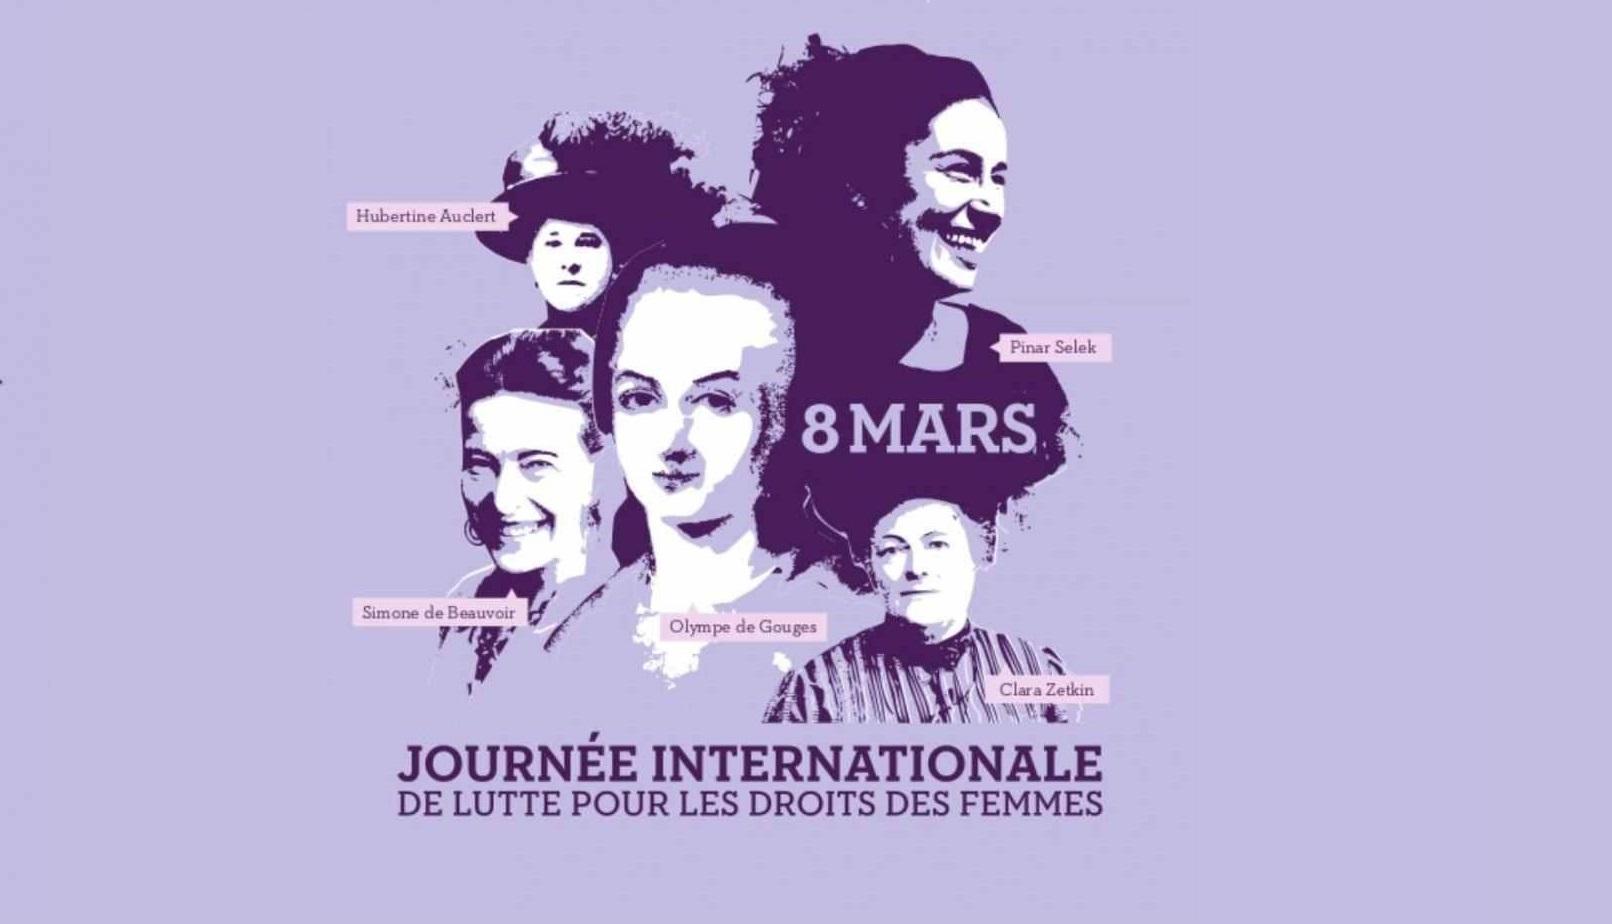 8 Mars: Journée internationale des droits des femmes